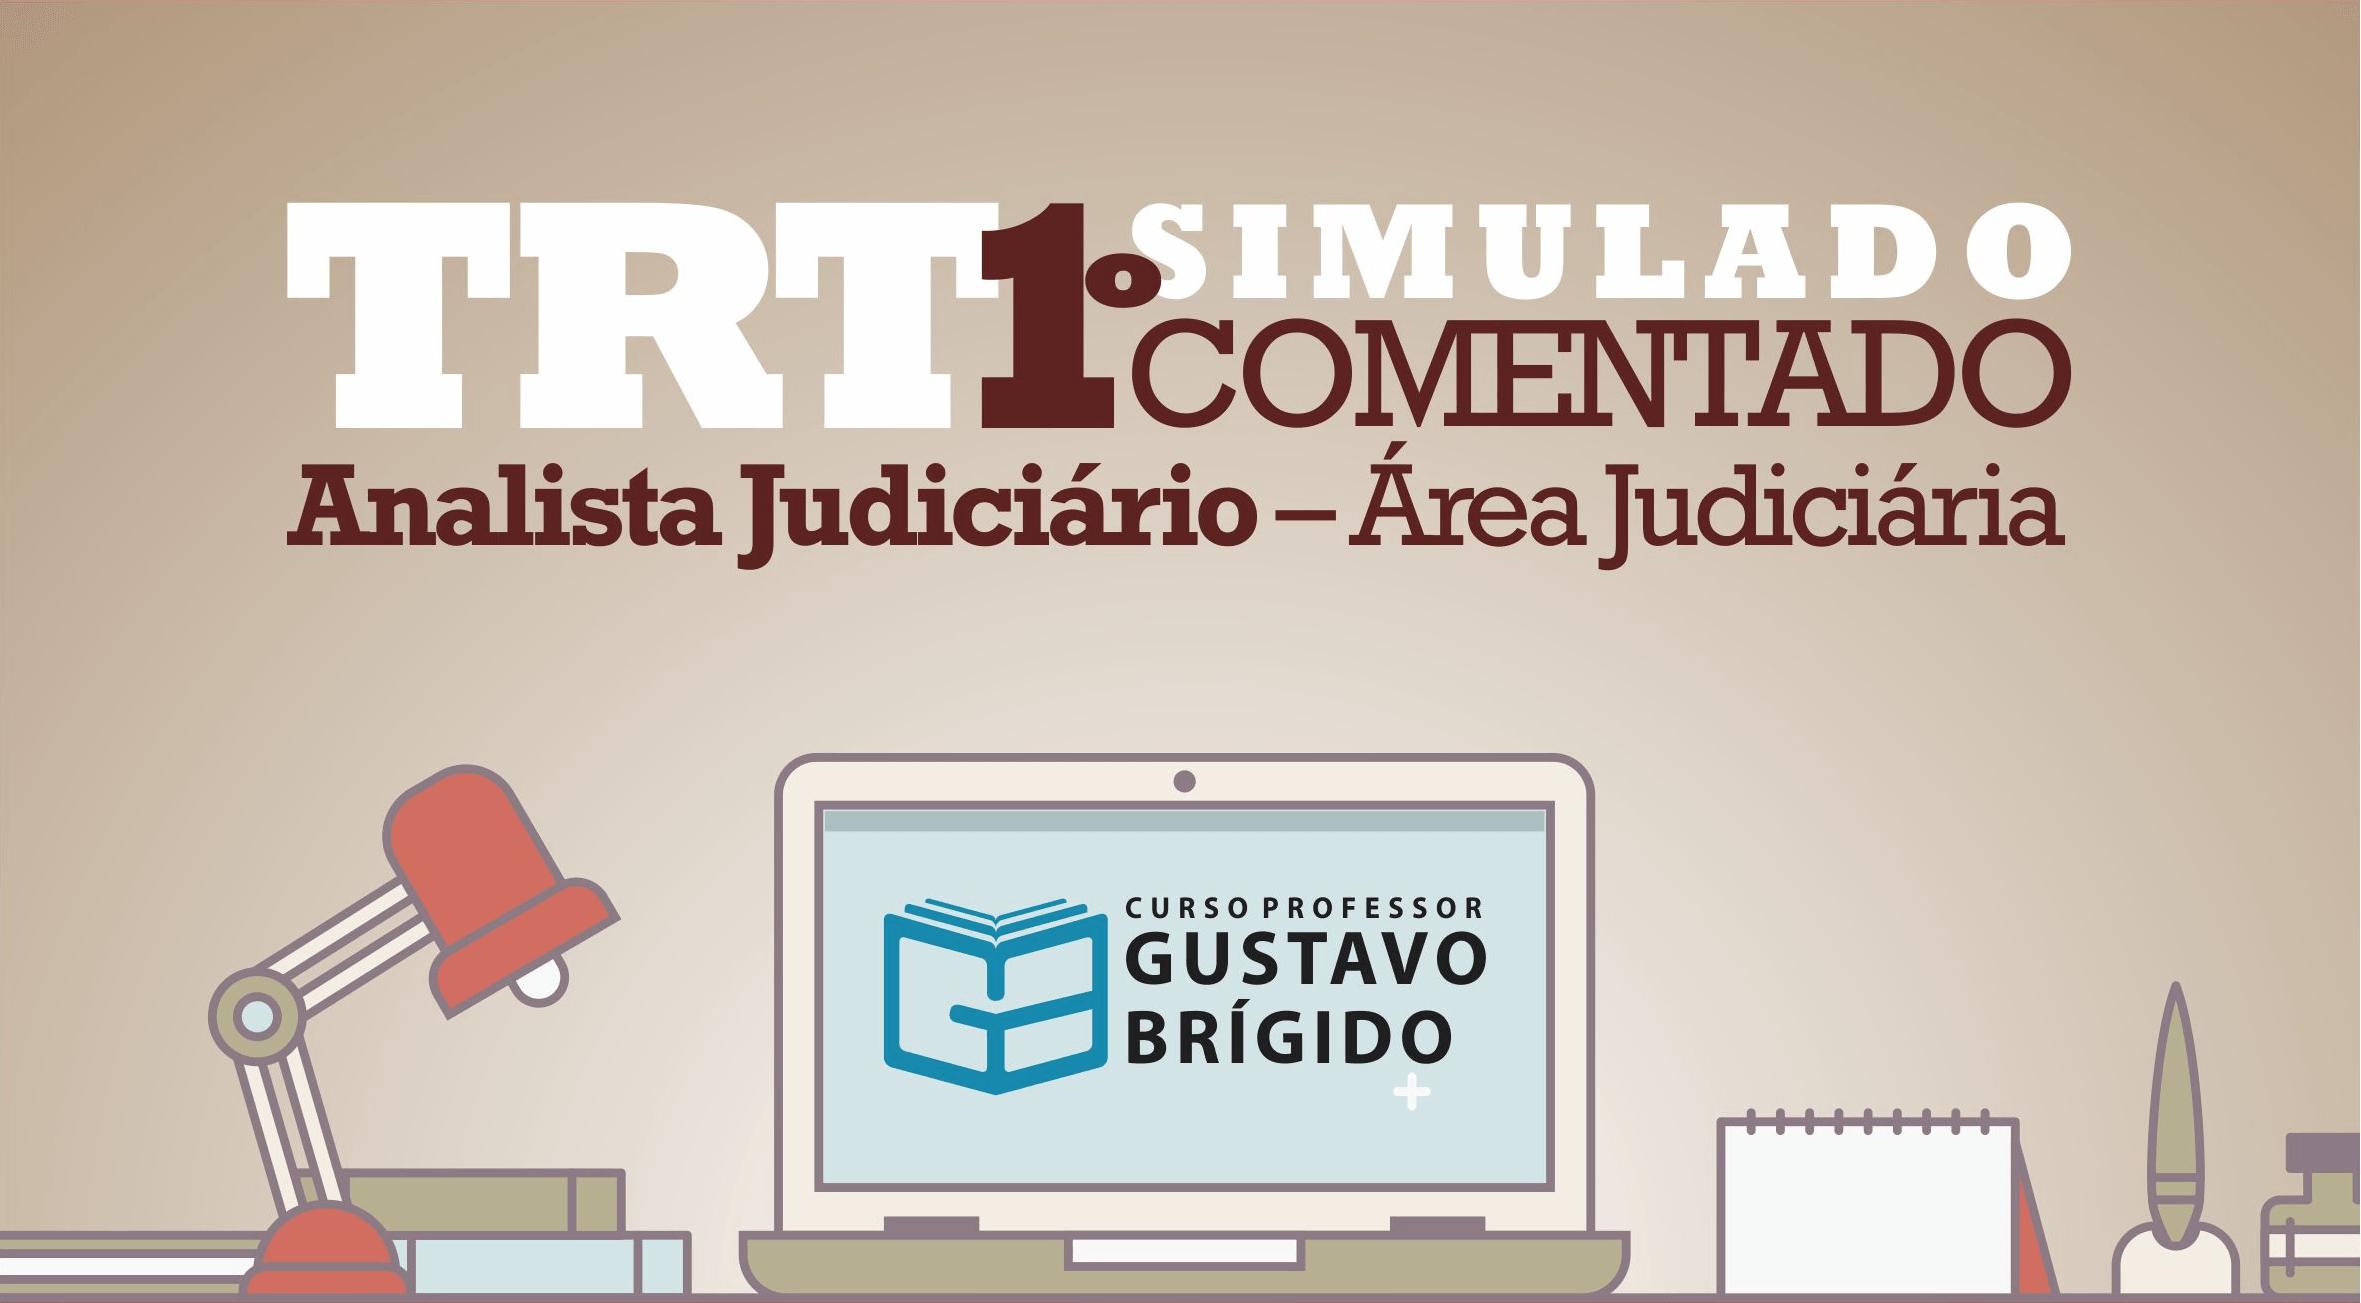 1° SIMULADO TRT - Analista Judiciário (Área Judiciária) - EM PDF